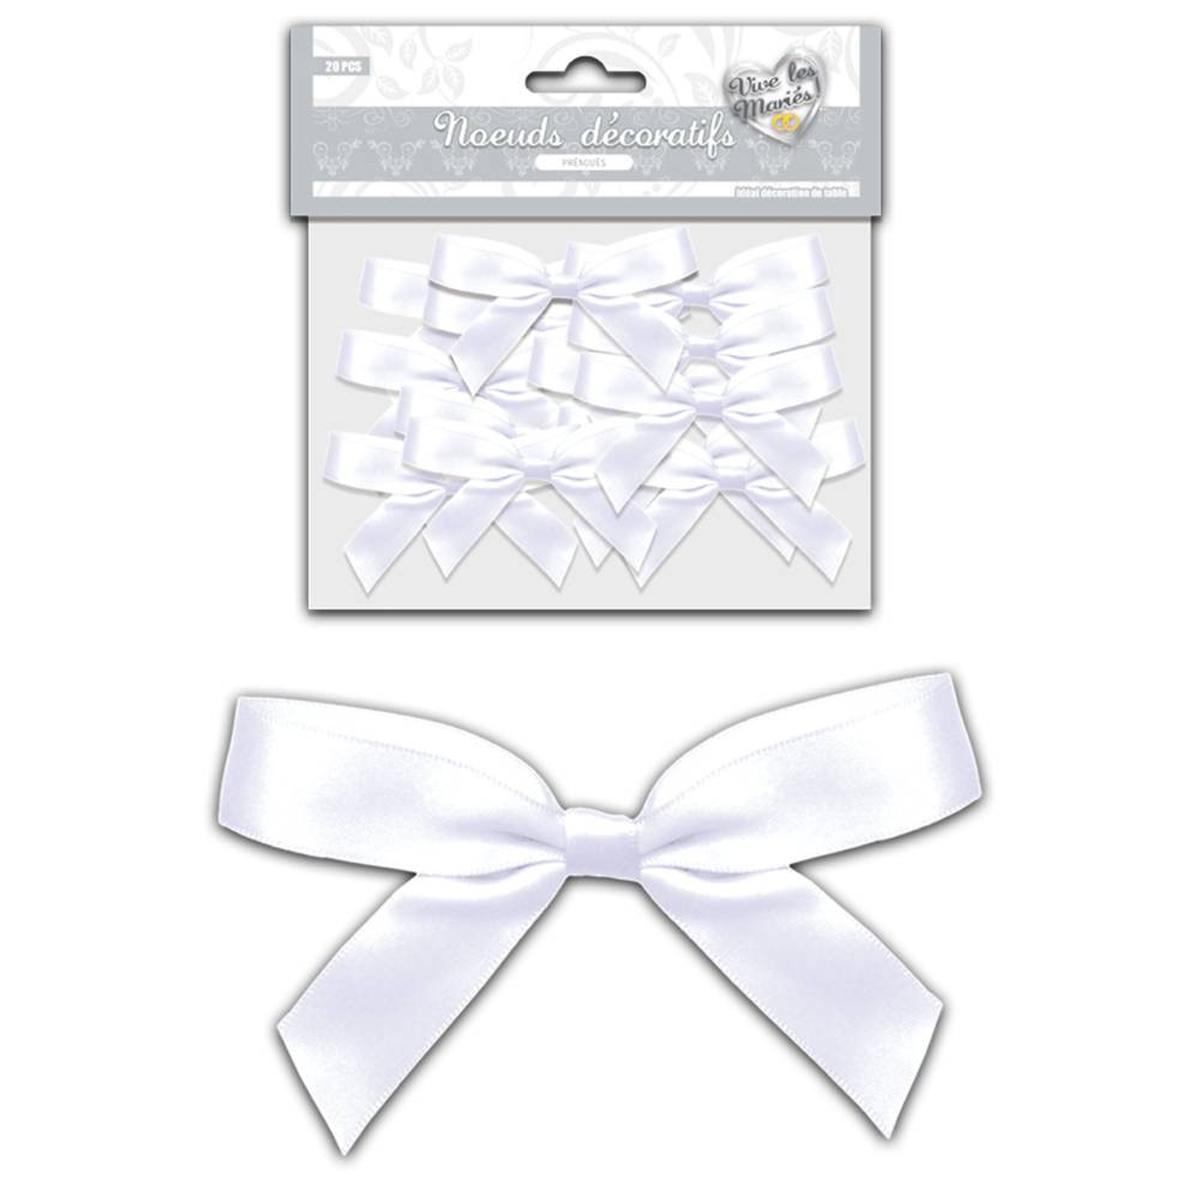 Set de 20 noeuds décoratifs \'Mariage\' blanc satiné - chaque noeud 8x5 cm - [A0001]